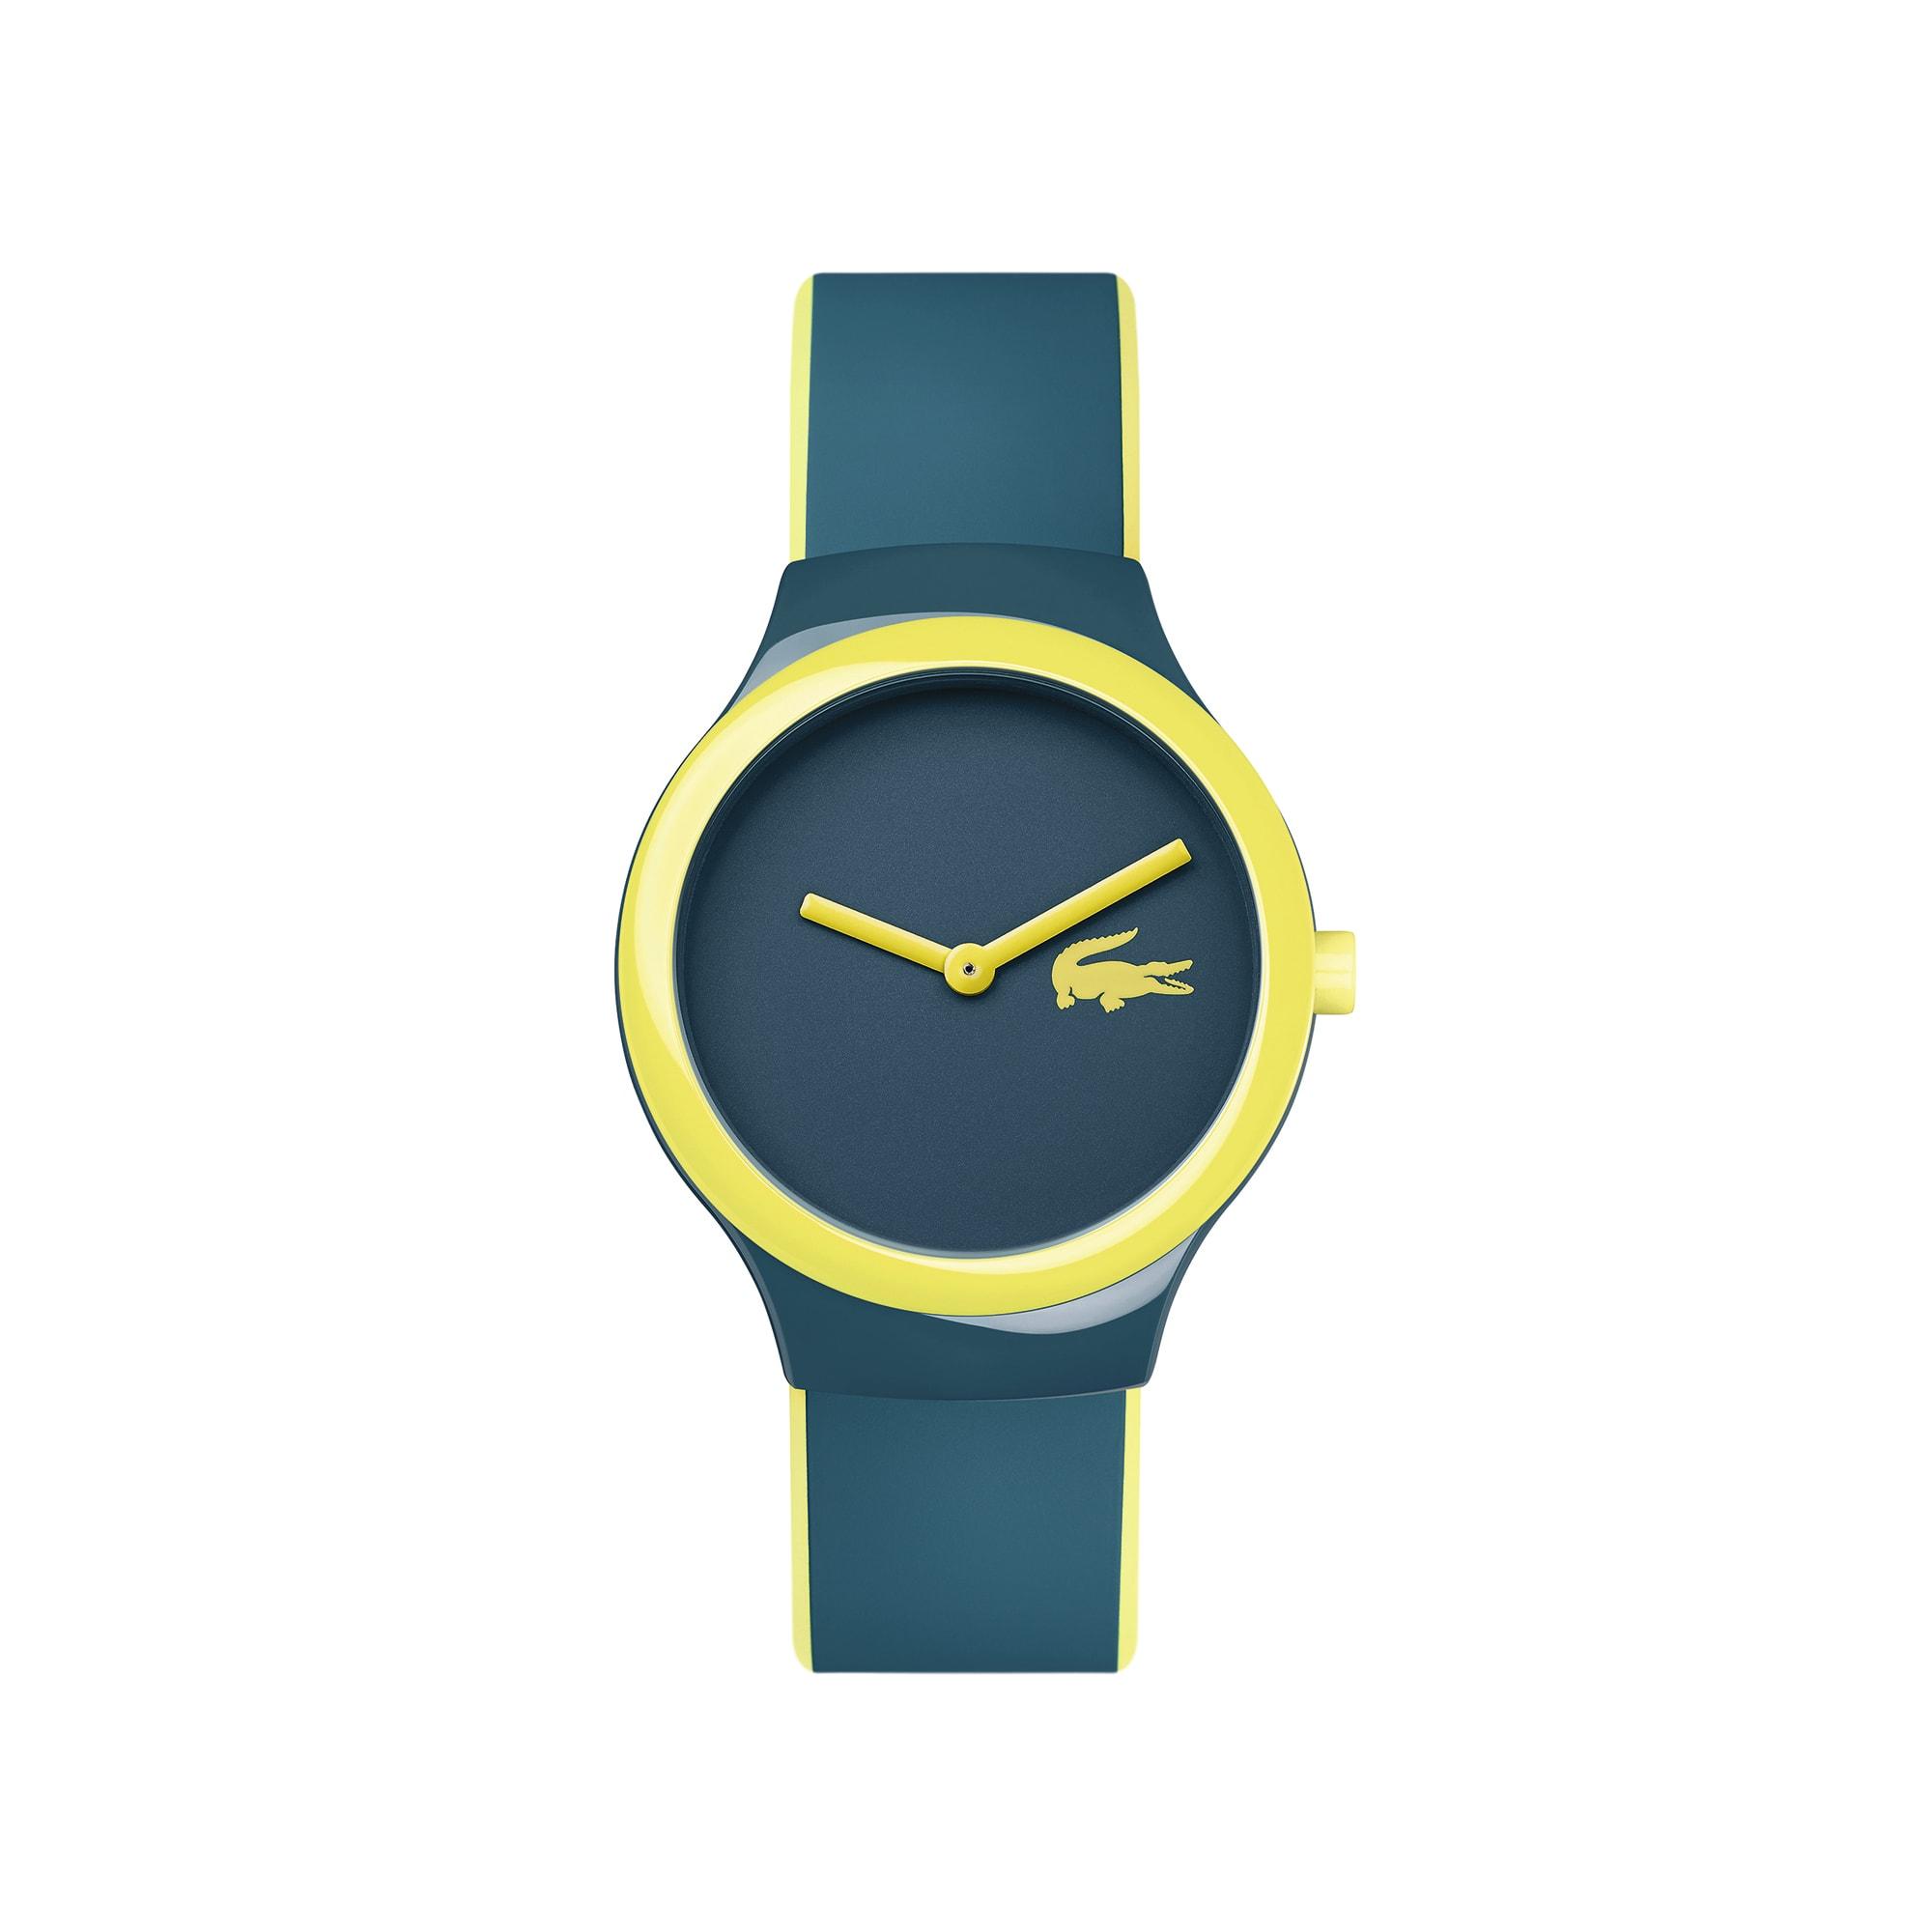 Orologio Goa New Blu-grigio e giallo